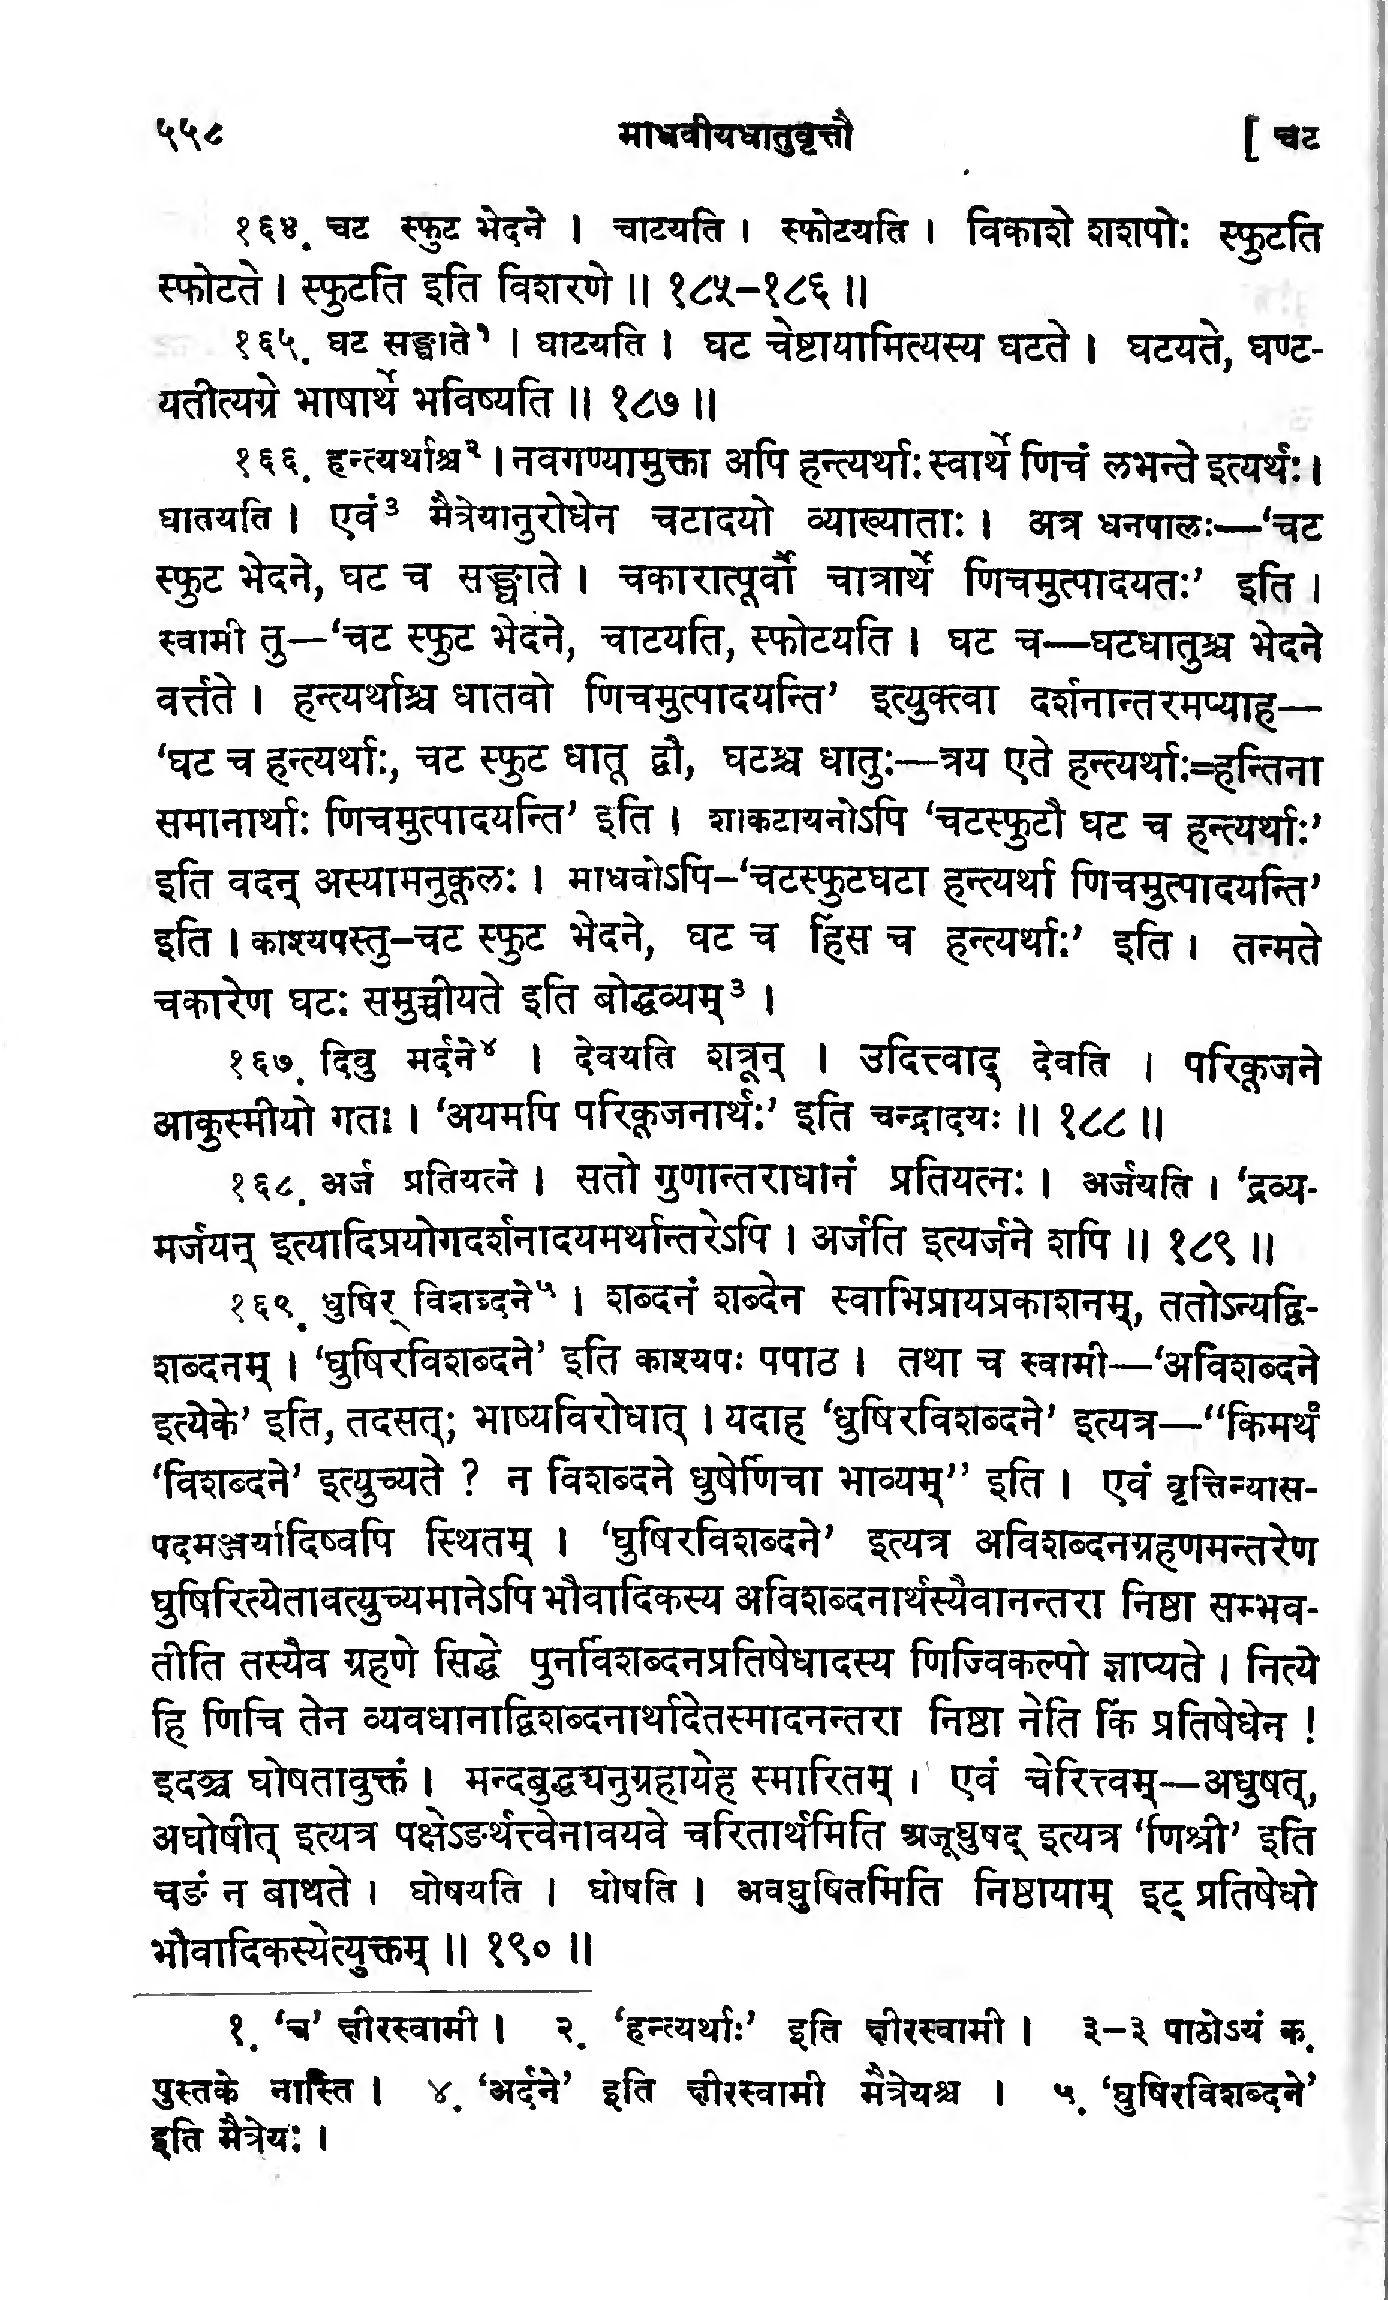 glottal stop meaning in marathi